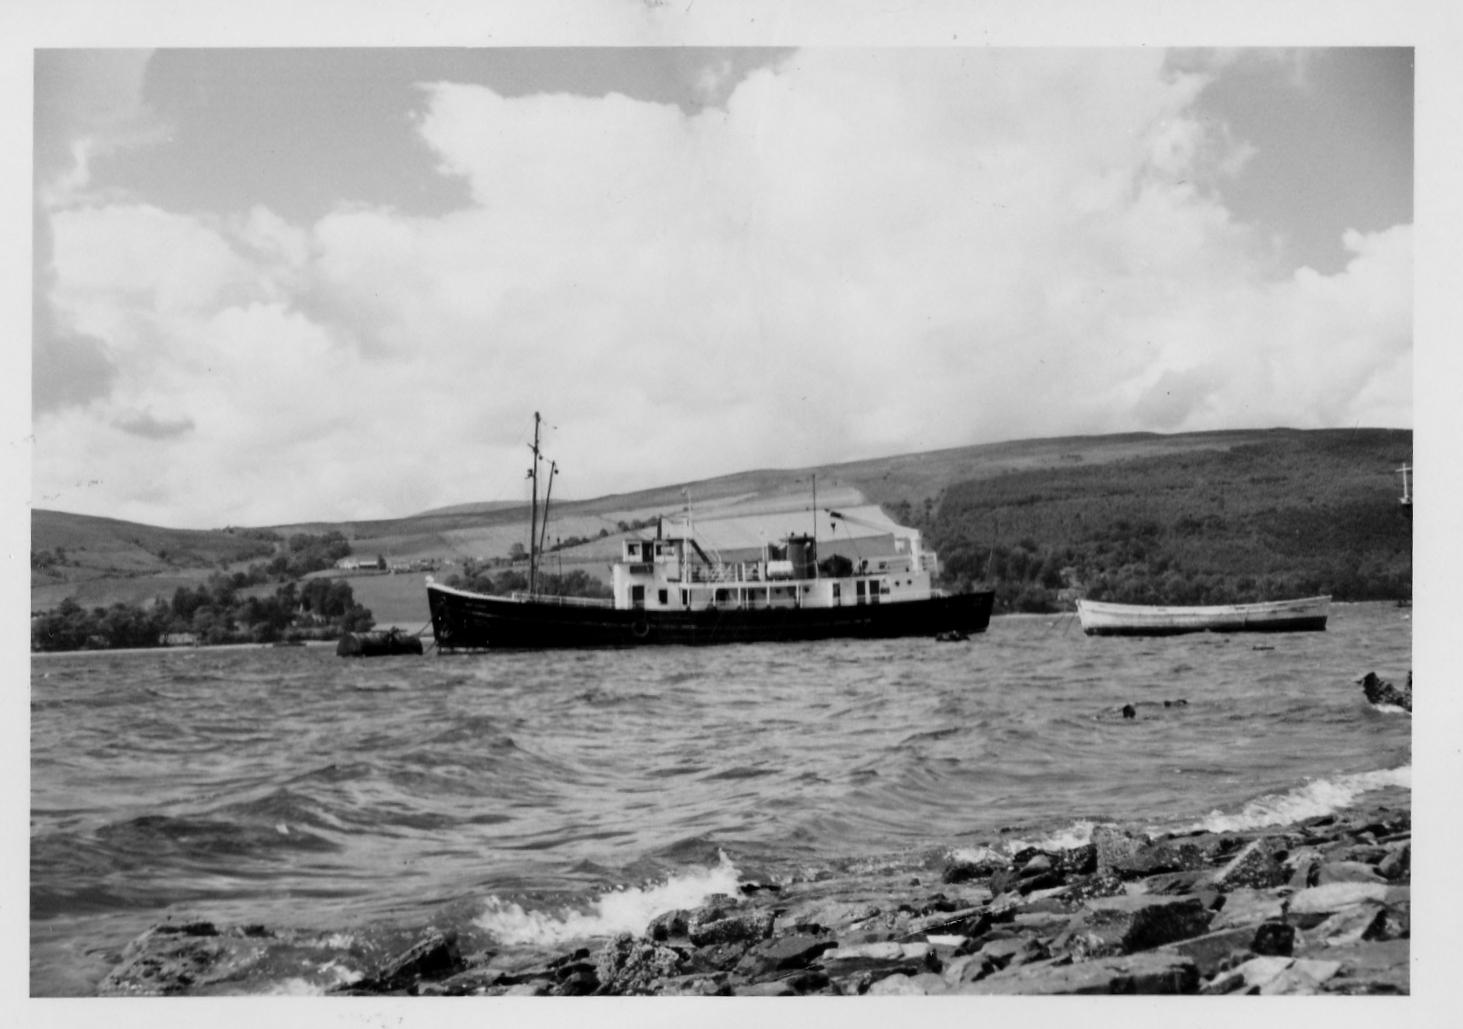 Loch Eynort at a mooring